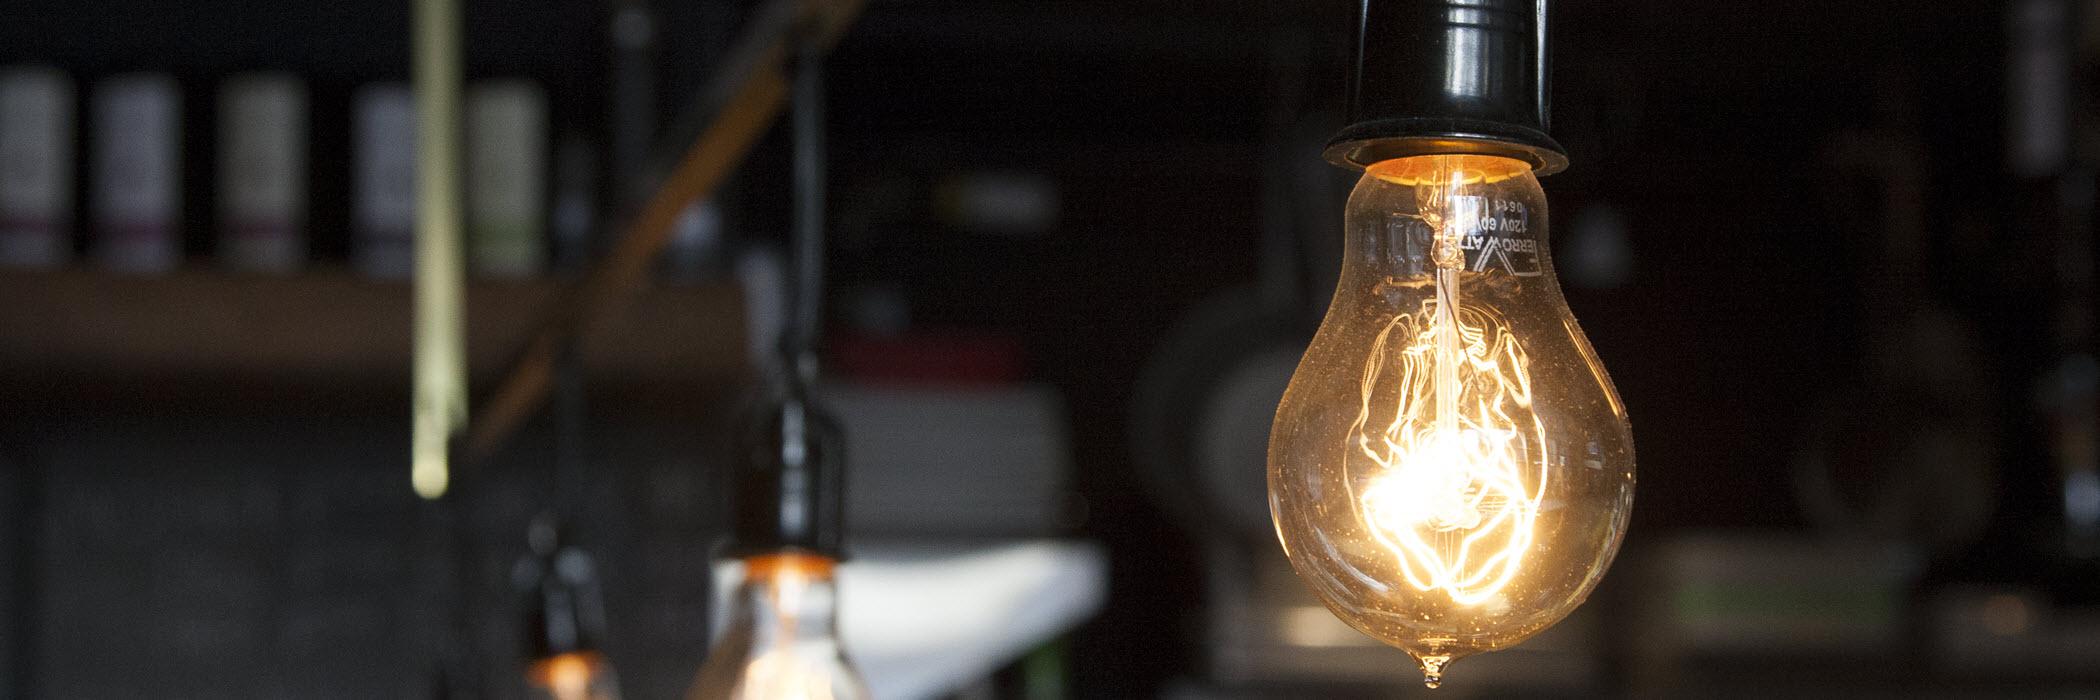 Лампы эдисона в дизайне